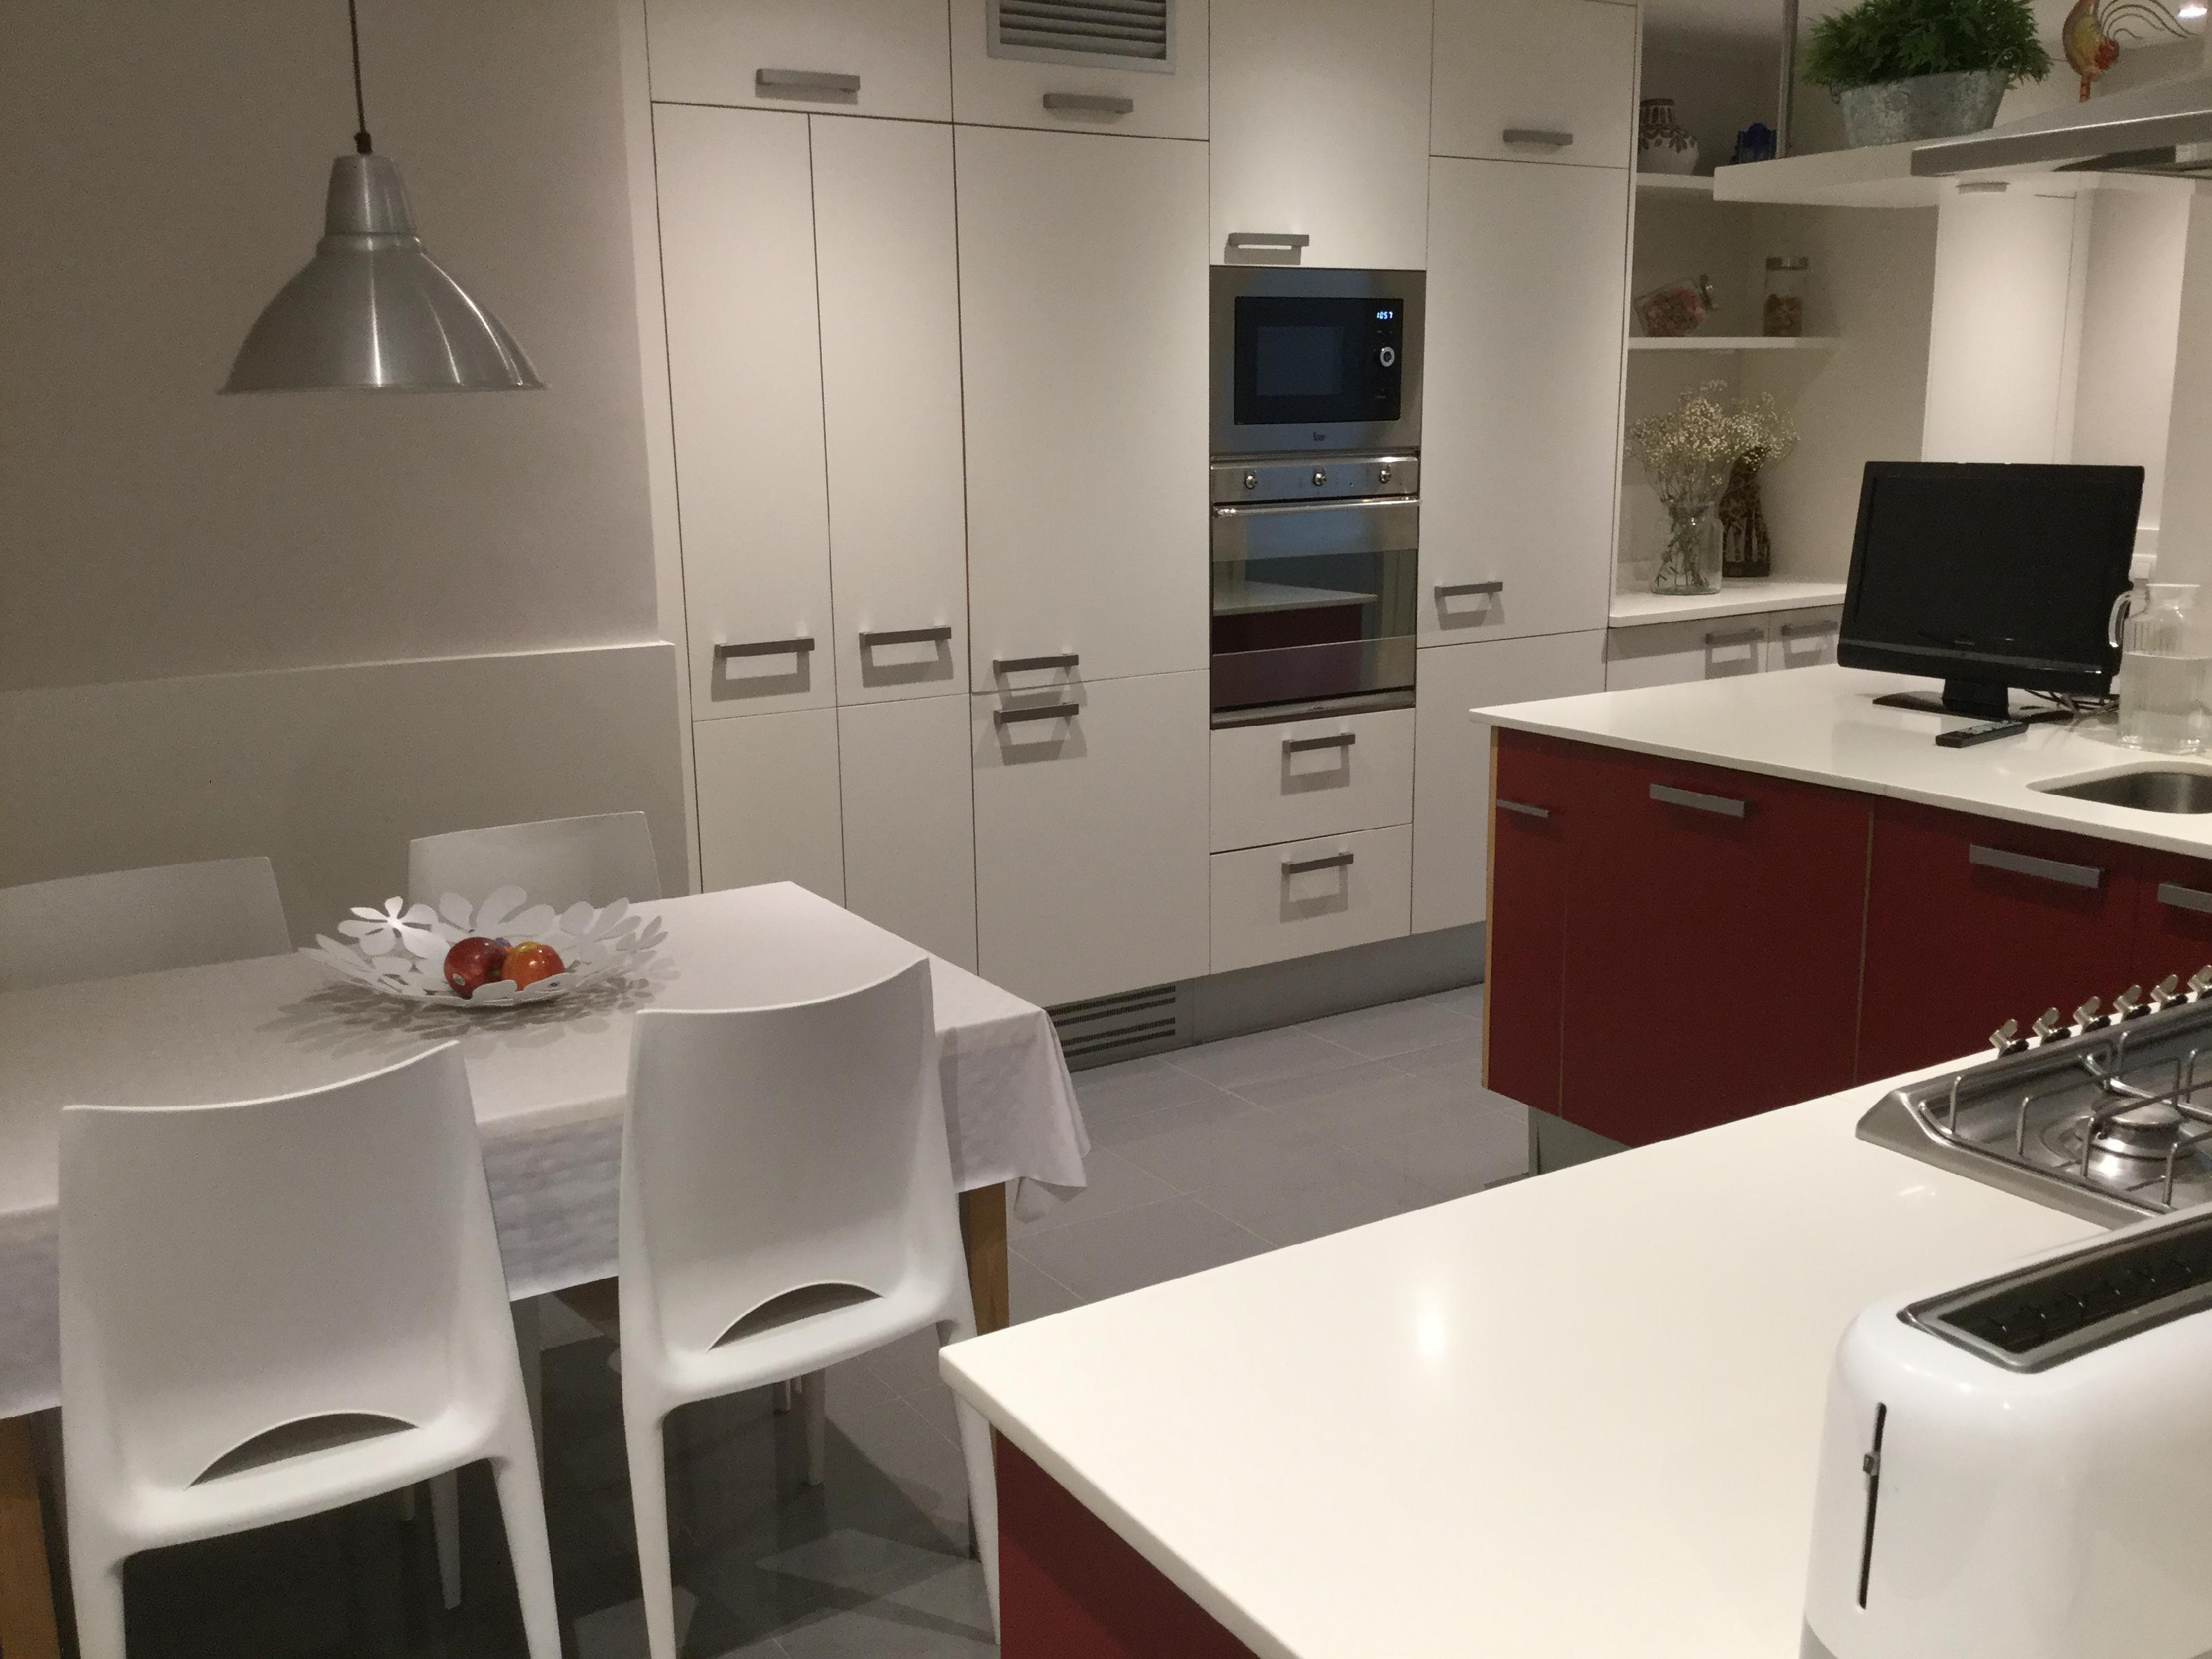 198228 Apartamento en venda en Sarrià-Sant Gervasi, St. Gervasi-Bonanova 3